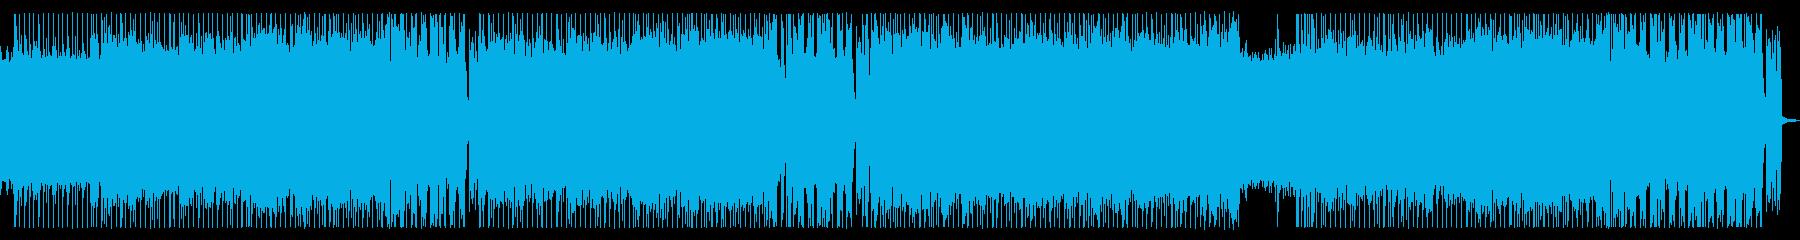 力強いクールなロックの再生済みの波形